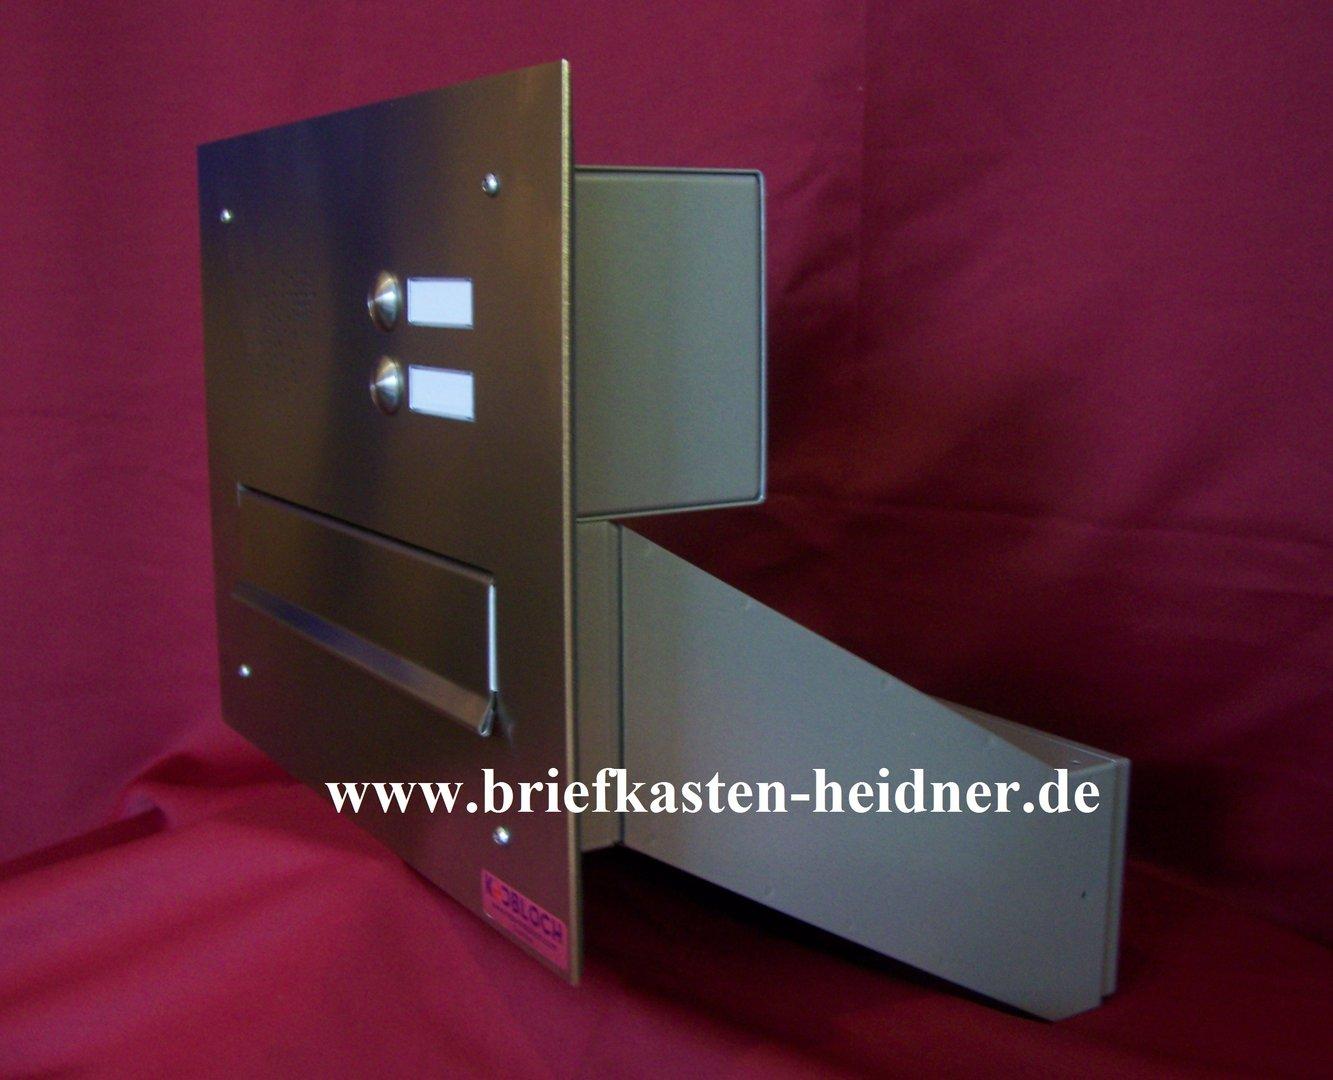 mdh40 knobloch mauerdurchwurf briefkasten anlage 300 1 tlg variable tiefe 2 klingeln. Black Bedroom Furniture Sets. Home Design Ideas